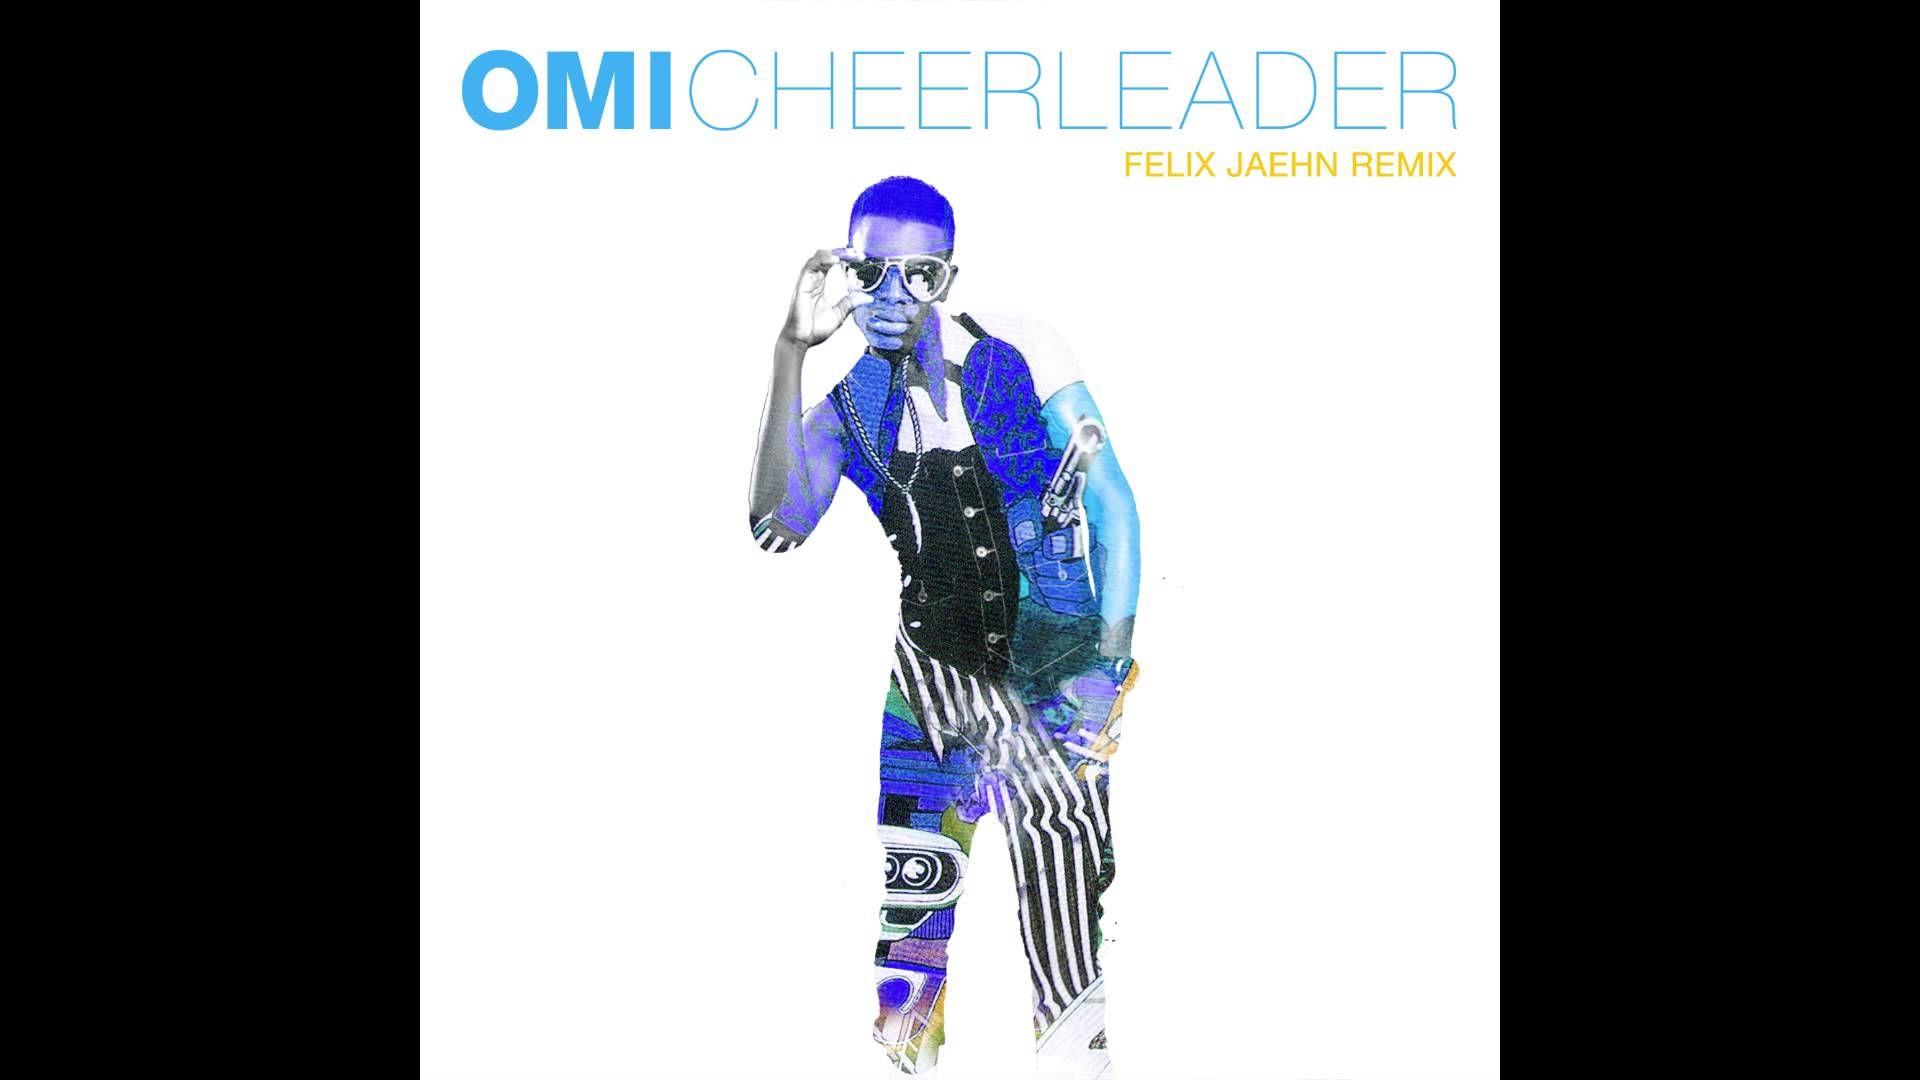 OMI - Cheerleader (Felix Jaehn Remix) [Cover Art] | good